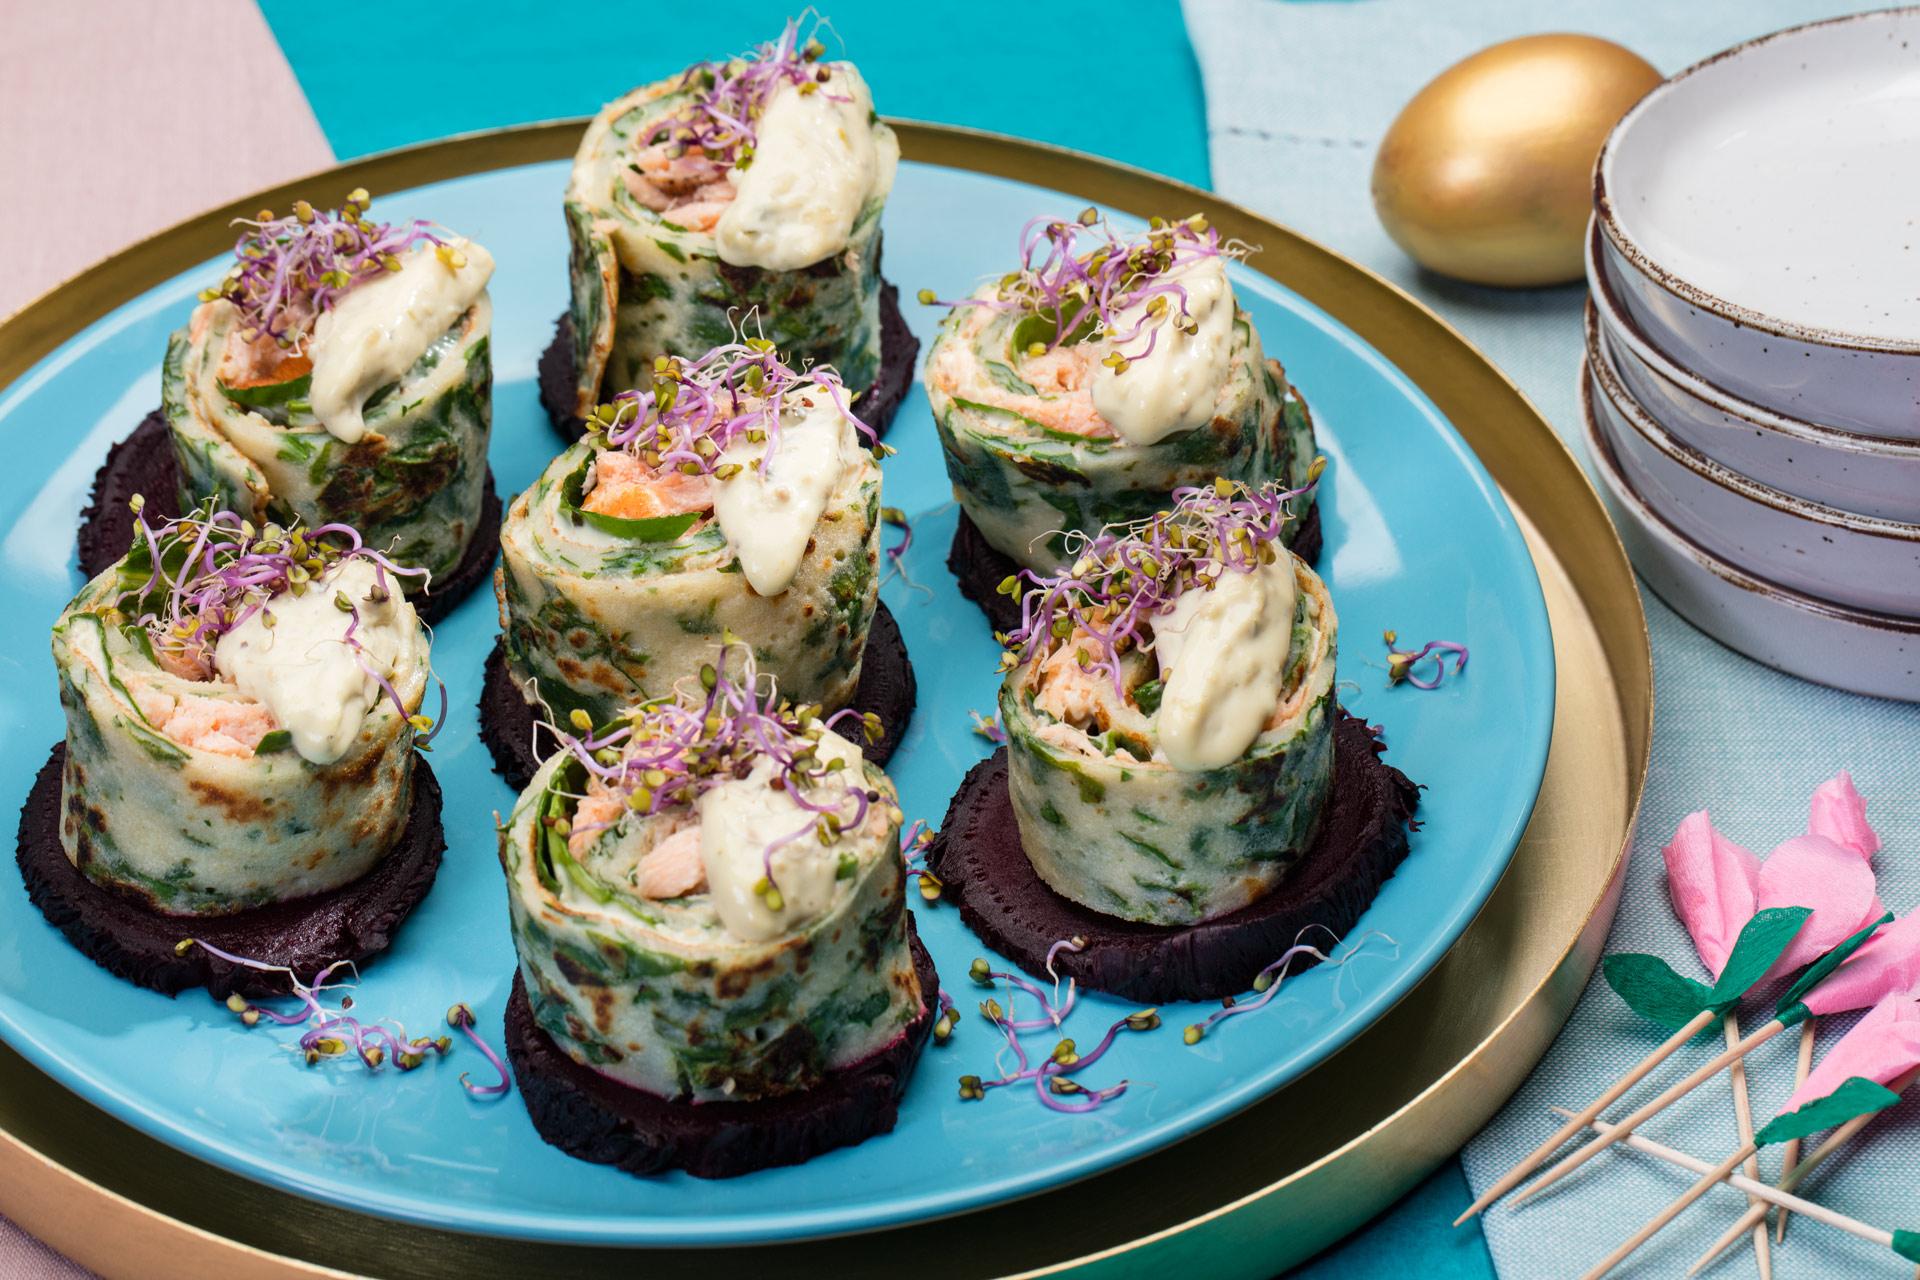 Naleśnikowe rollsy ze szpinakiem, łososiem i sosem tatarskim